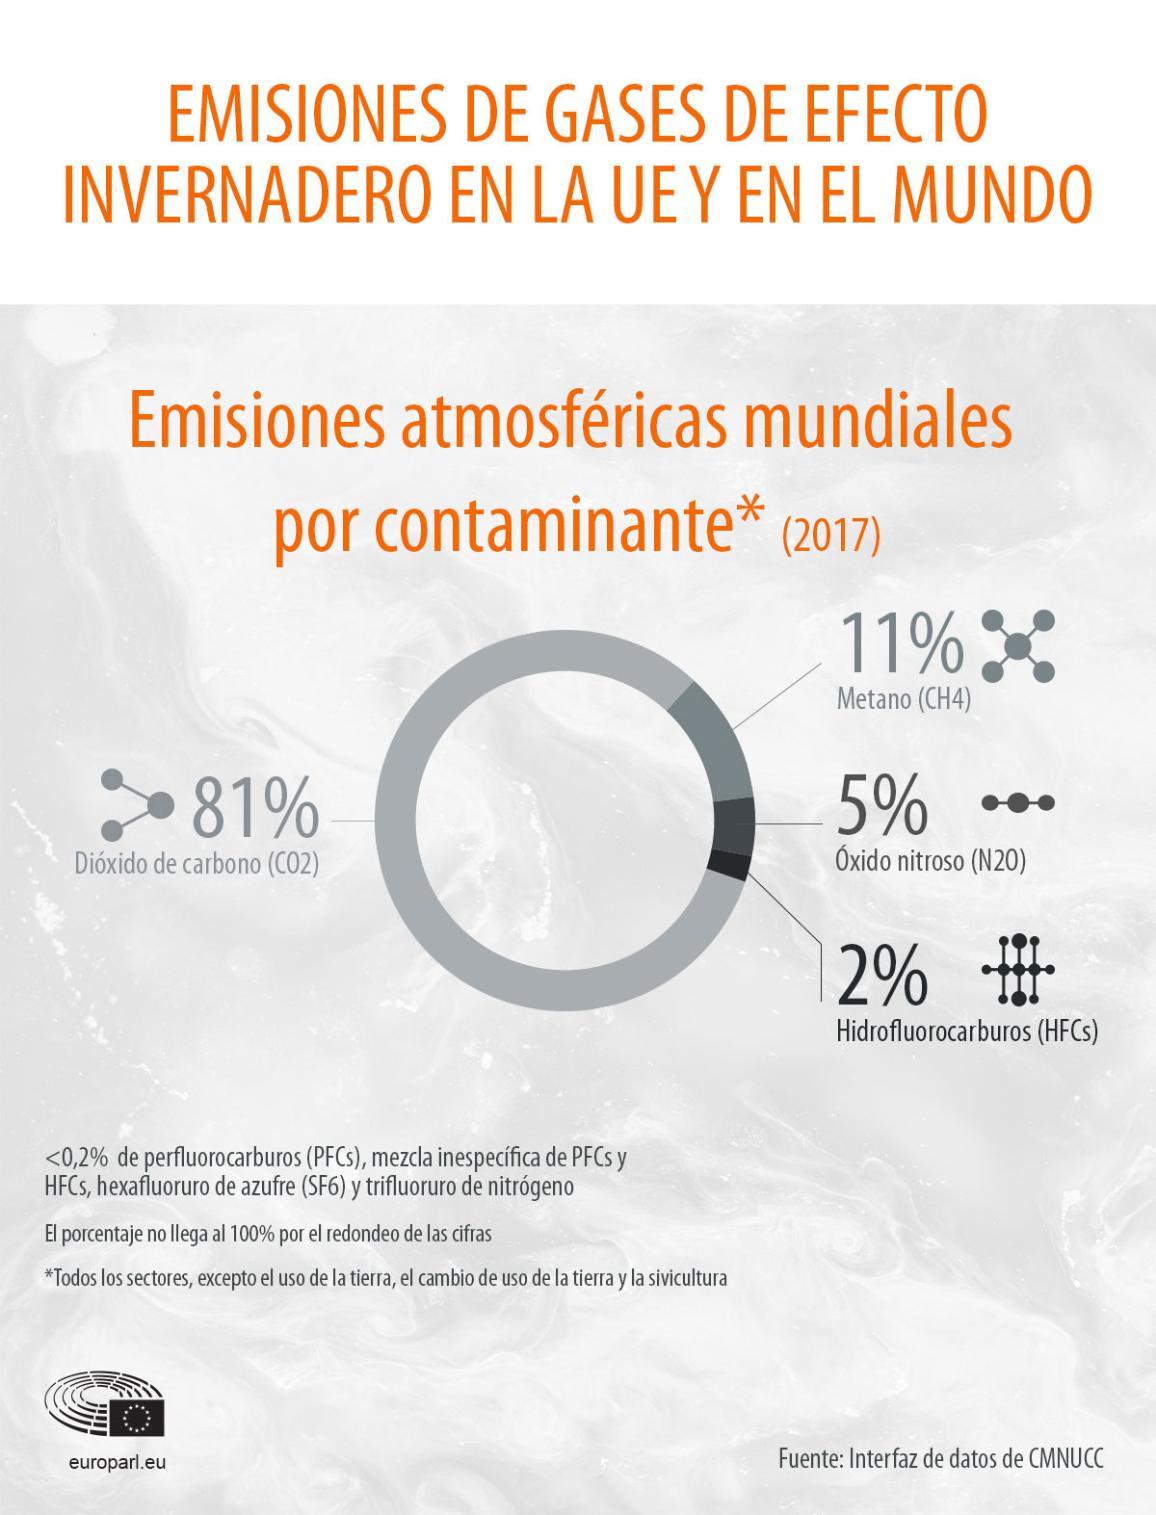 Emisiones de gases de efecto invernadero en la UE y en el mundo